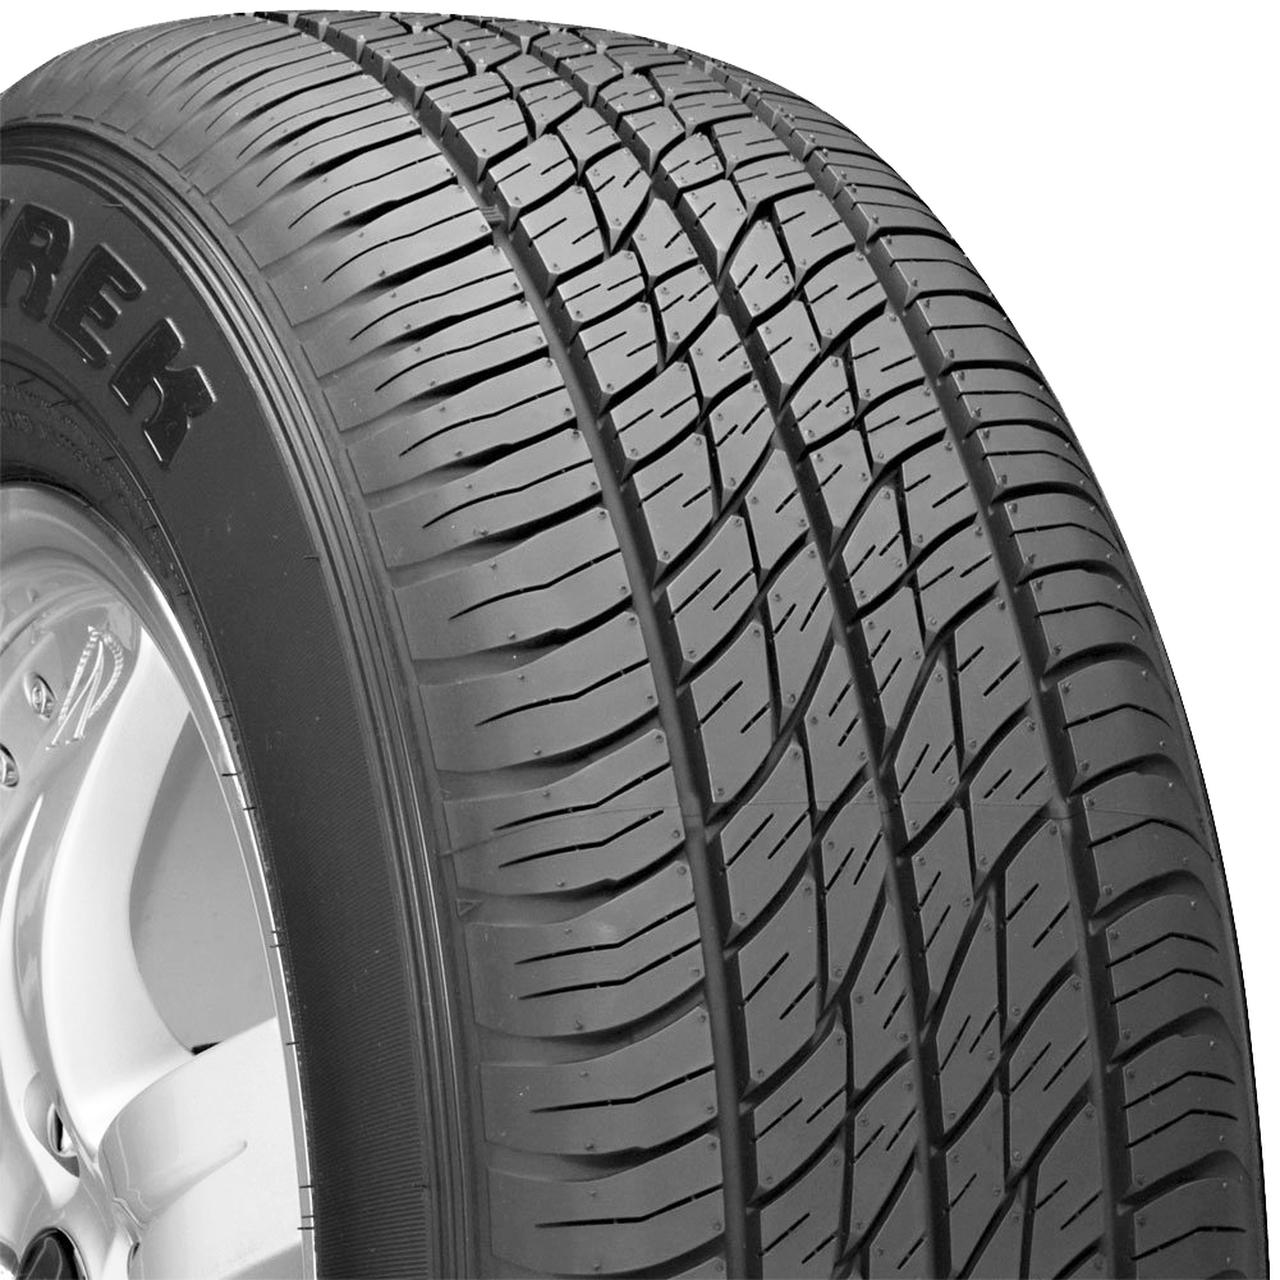 DUNLOP grandtrek st20 215/60 R17 96H, letní pneu, osobní a SUV, sleva DOT